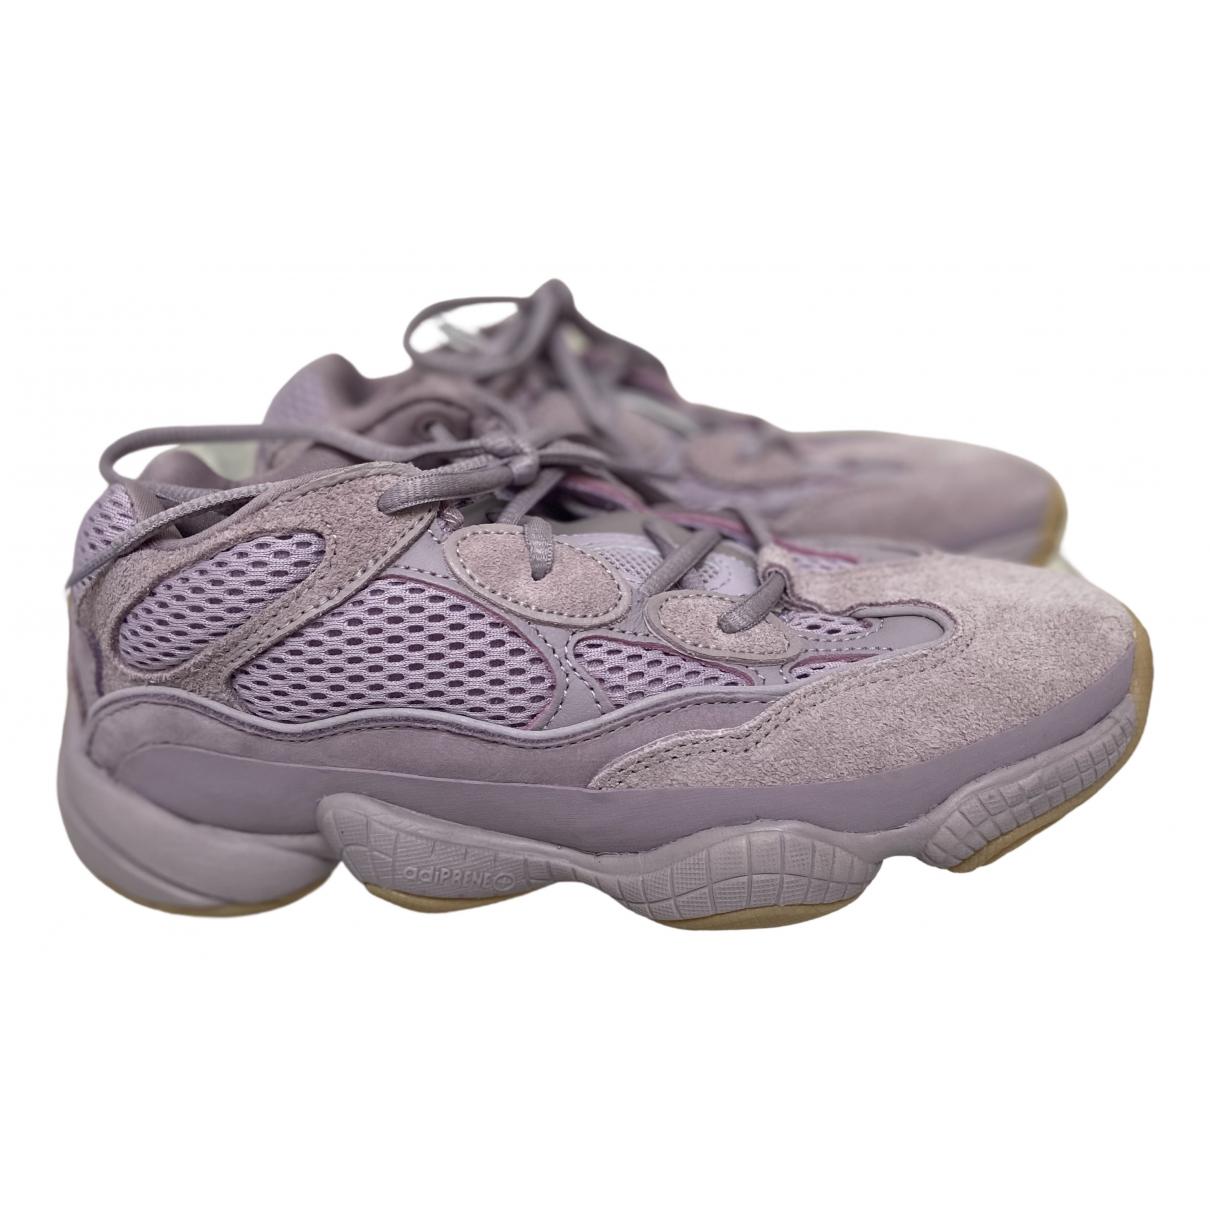 Yeezy X Adidas - Baskets 500 pour femme en suede - rose